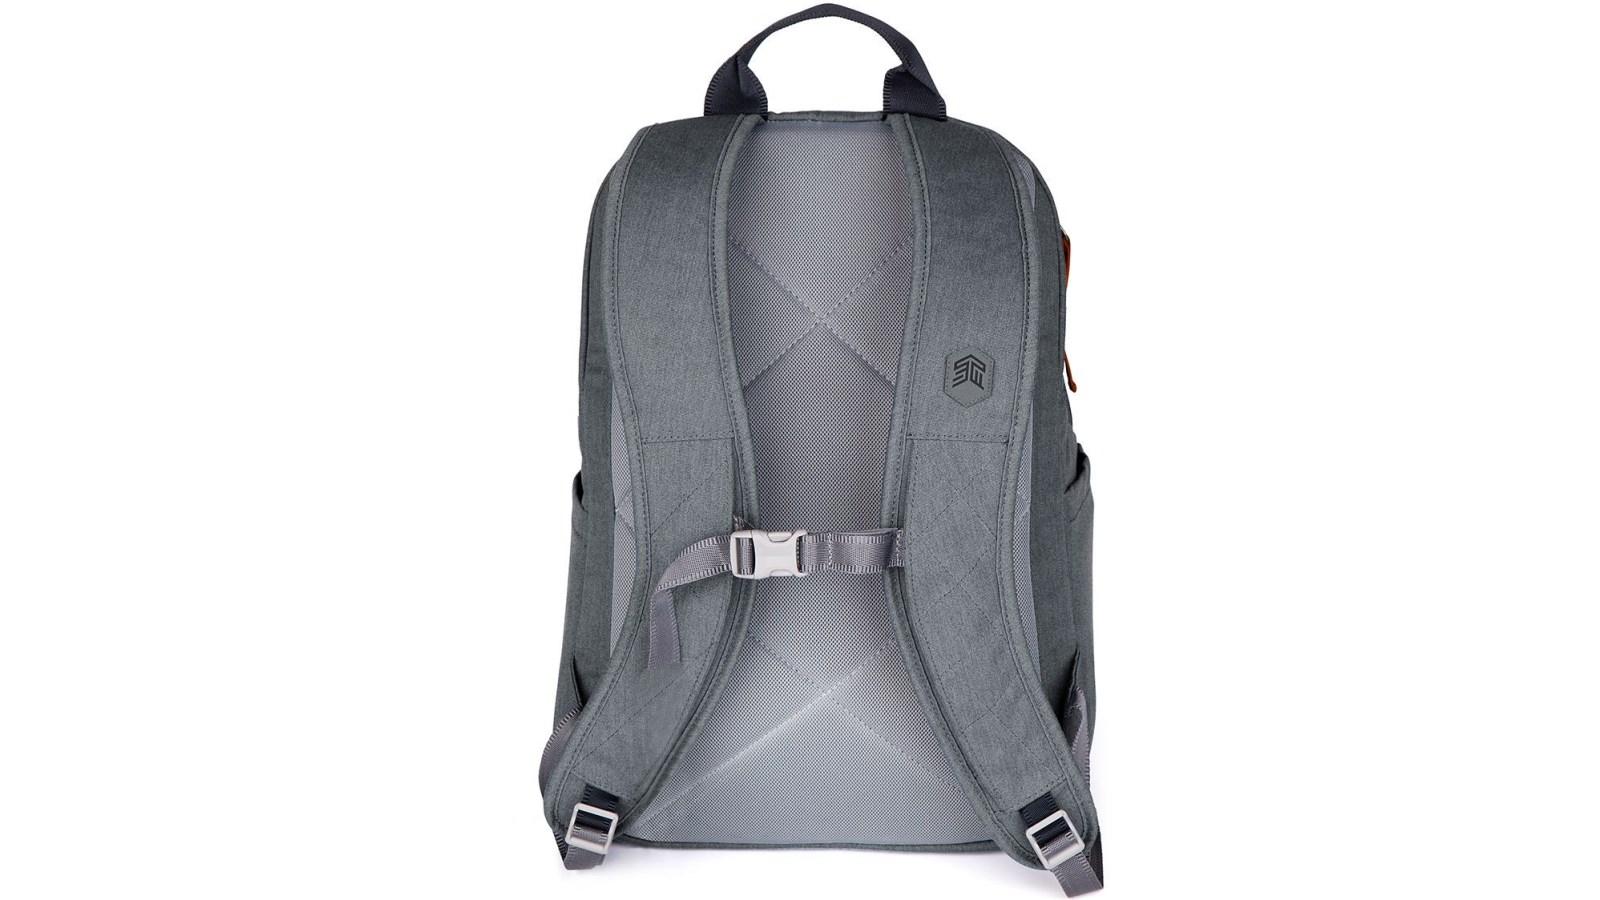 d5ed2b21ea54 STM Banks 15-inch Laptop Backpack - Tornado Grey